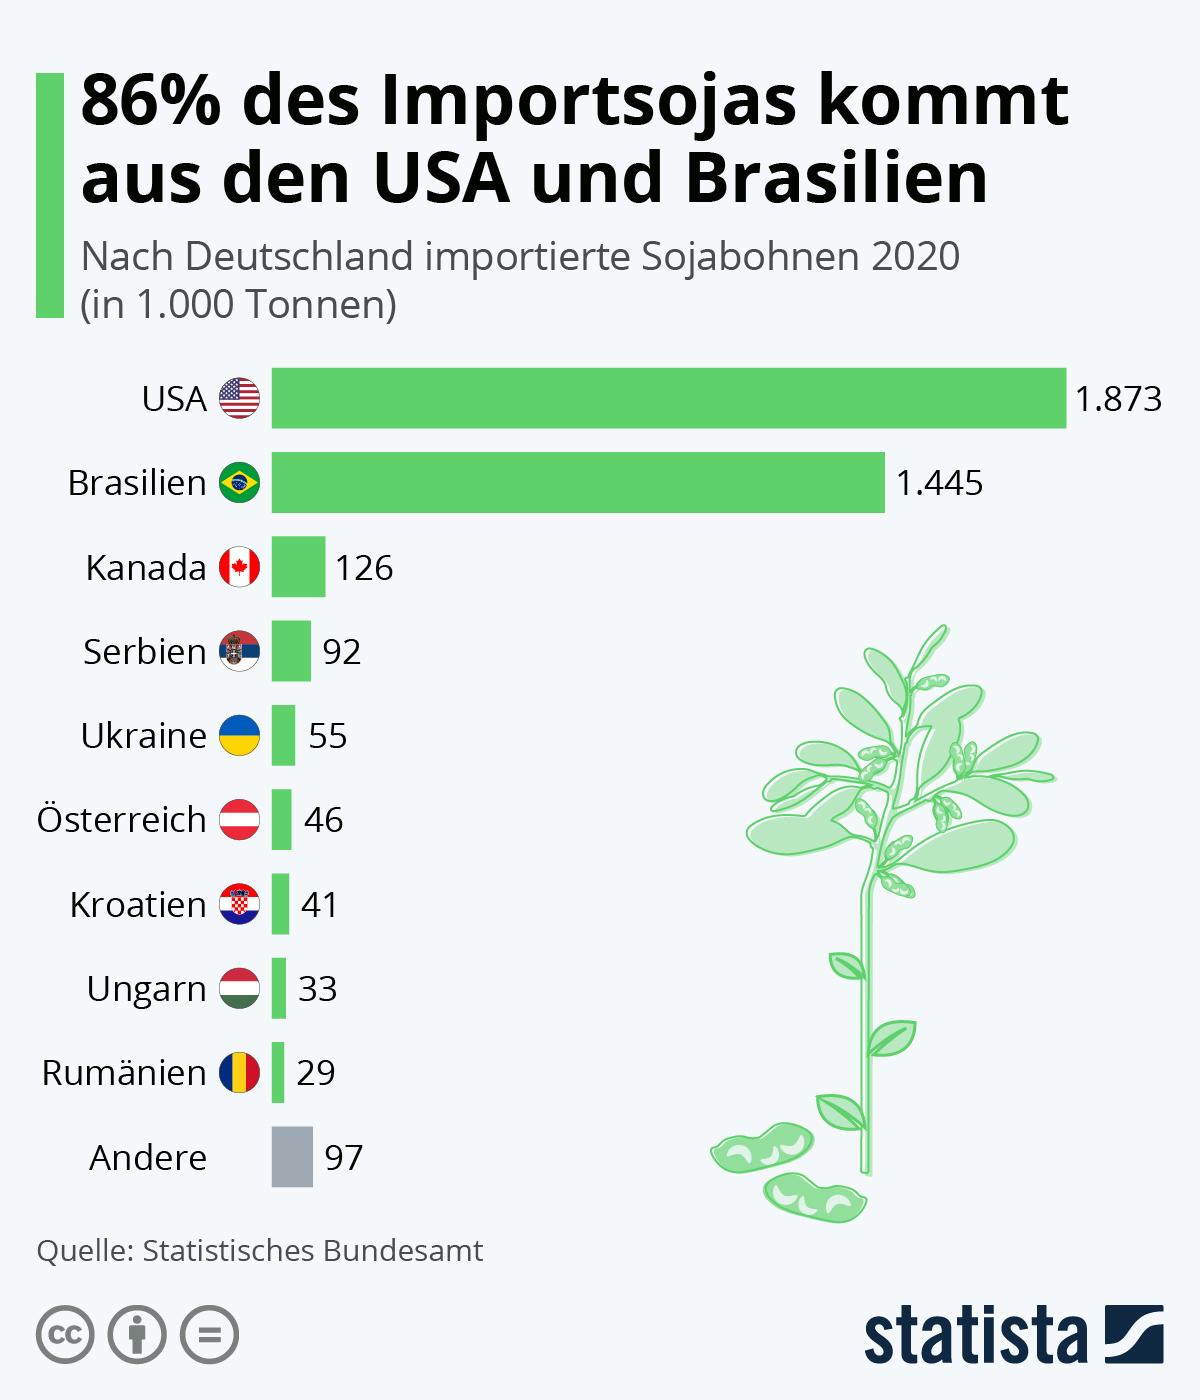 86% des Importsojas kommt aus den USA und Brasilien | Statista